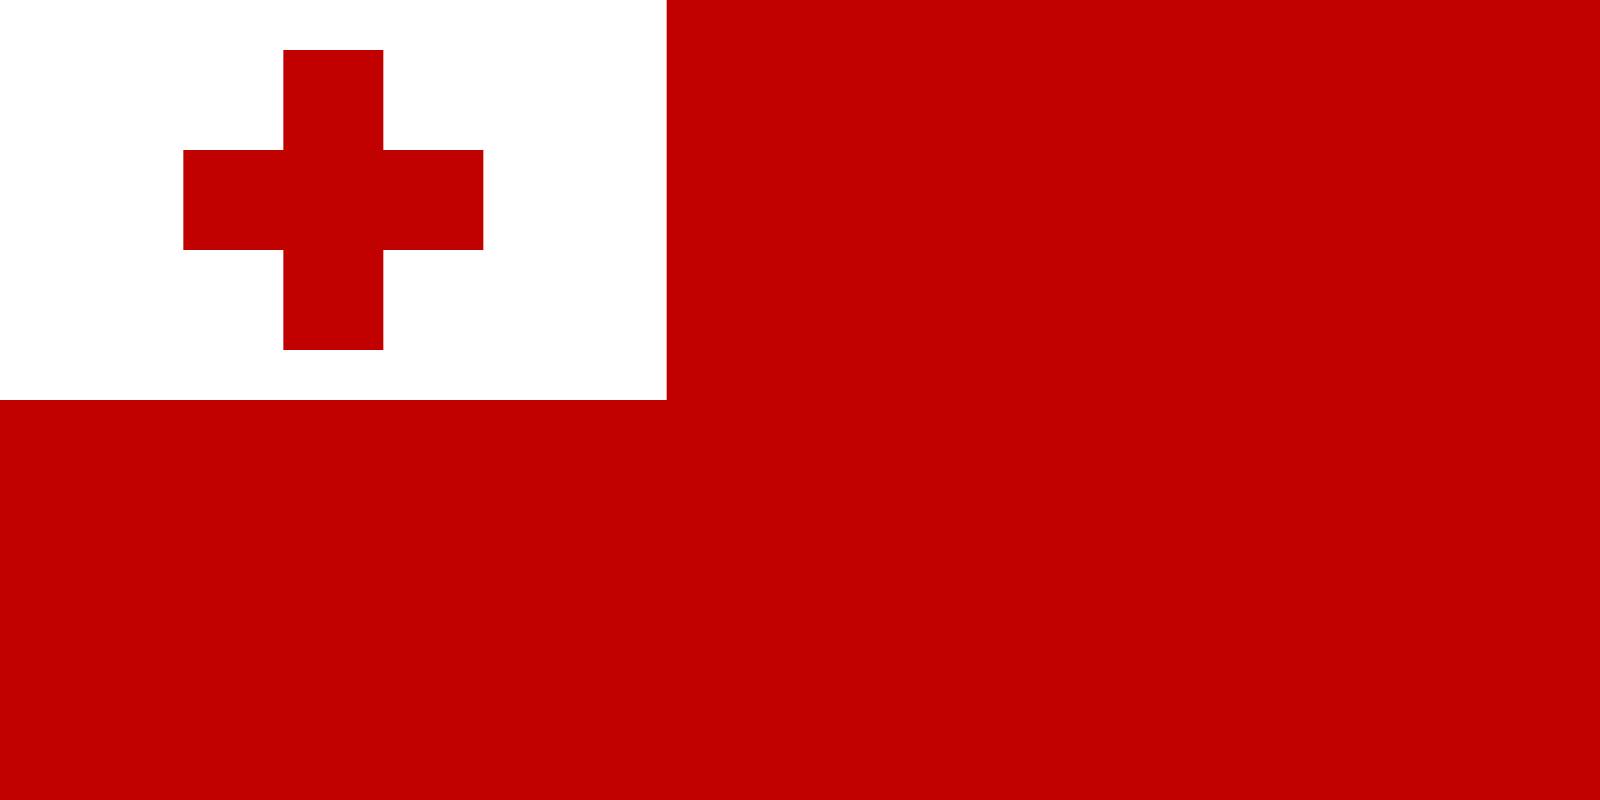 imagenes de banderas hd210 200 Imágenes de Banderas en HD (Wallpapers)